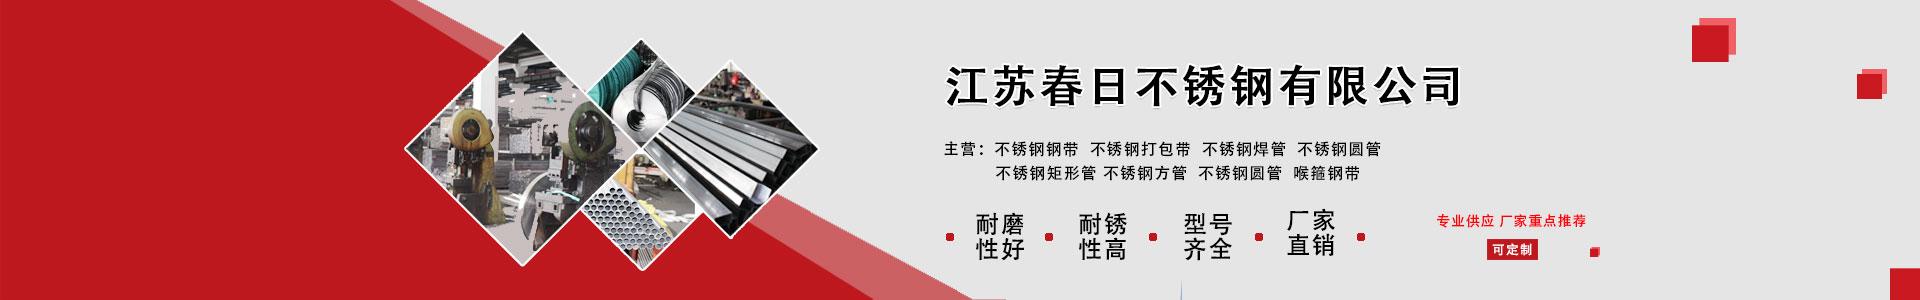 江苏橙子vr视频app下载阖家欢乐与合家欢乐有什么区别有限公司